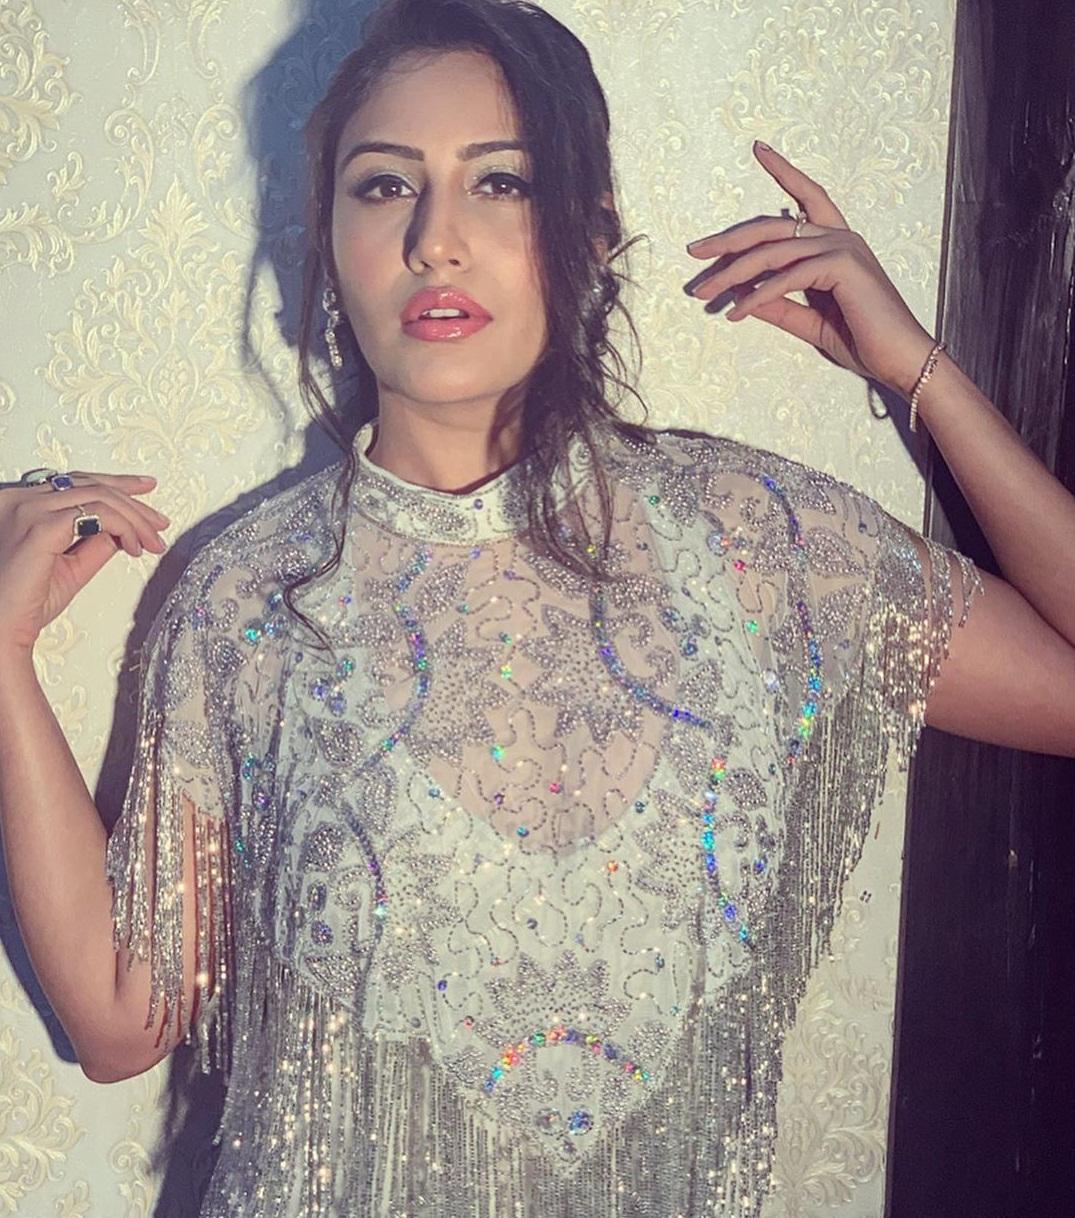 Bollywood Tadka, सुरभि चंदना इमेज, सुरभि चंदना फोटो, सुरभि चंदना पिक्चर